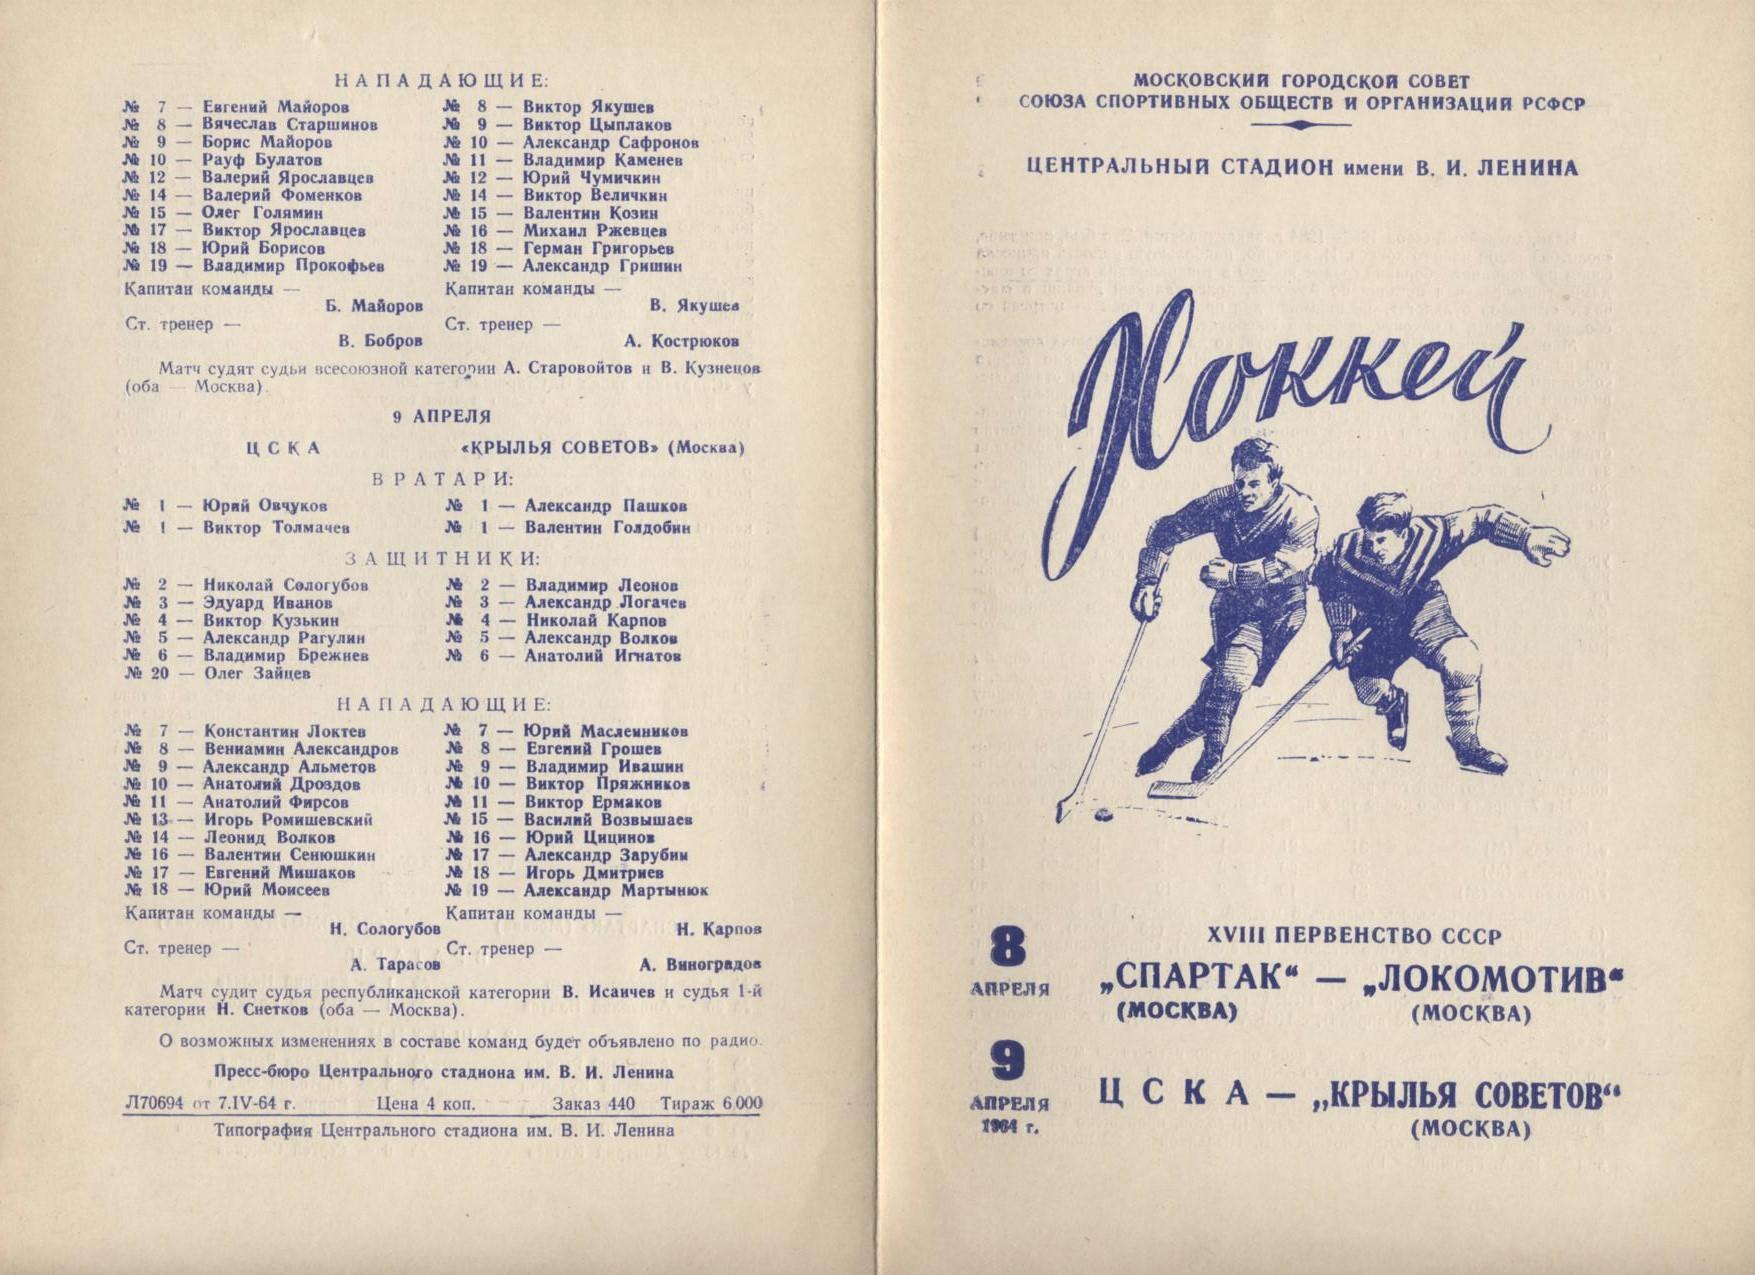 сезон 1963-1964 программки Спартак -Локомотив ЦСКА - Крылья 8-9 апреля.jpg